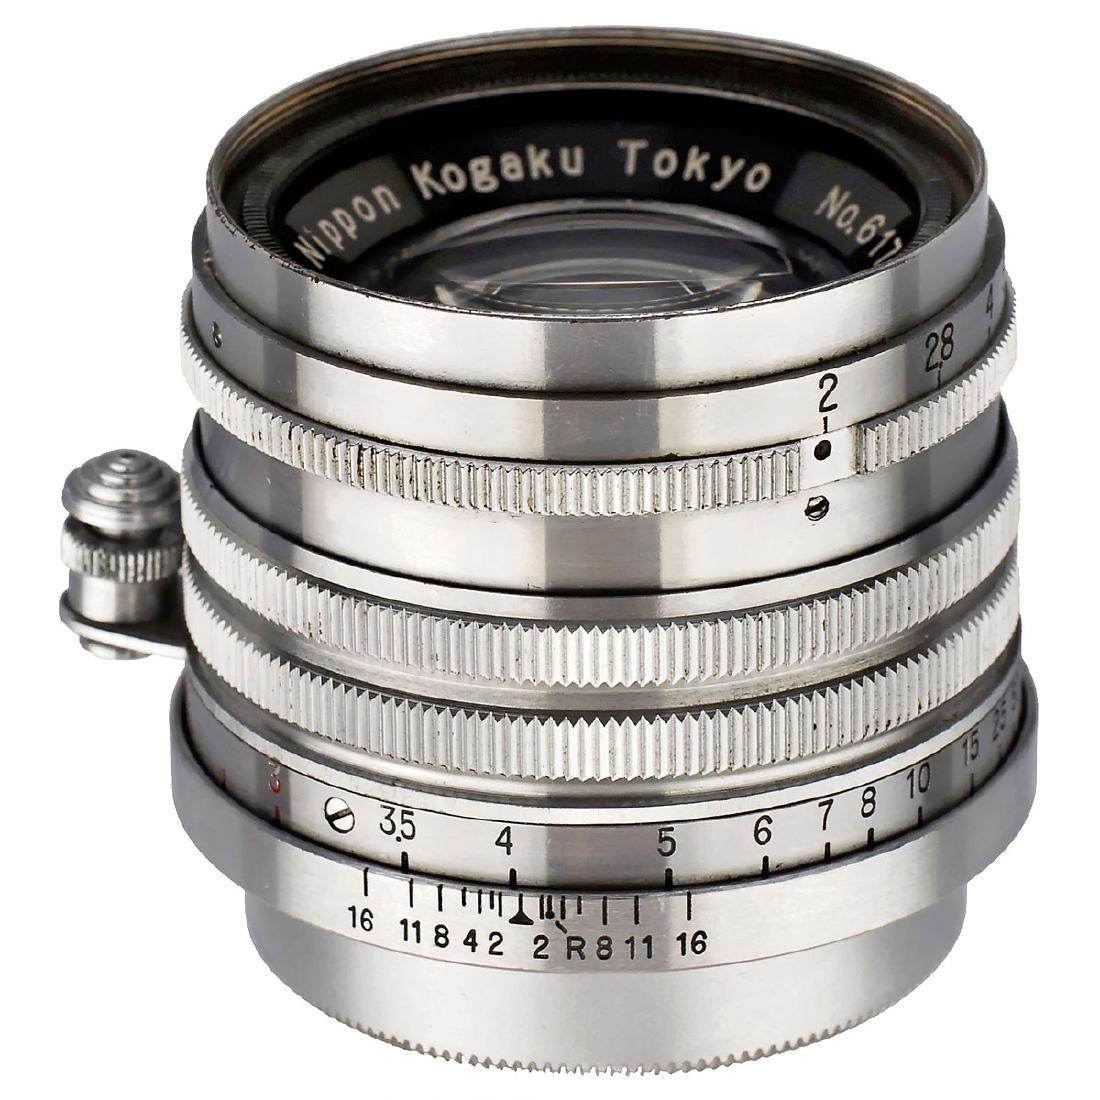 Nikkor-H.C 2/5 cm Screw-Mount Leica, 1953